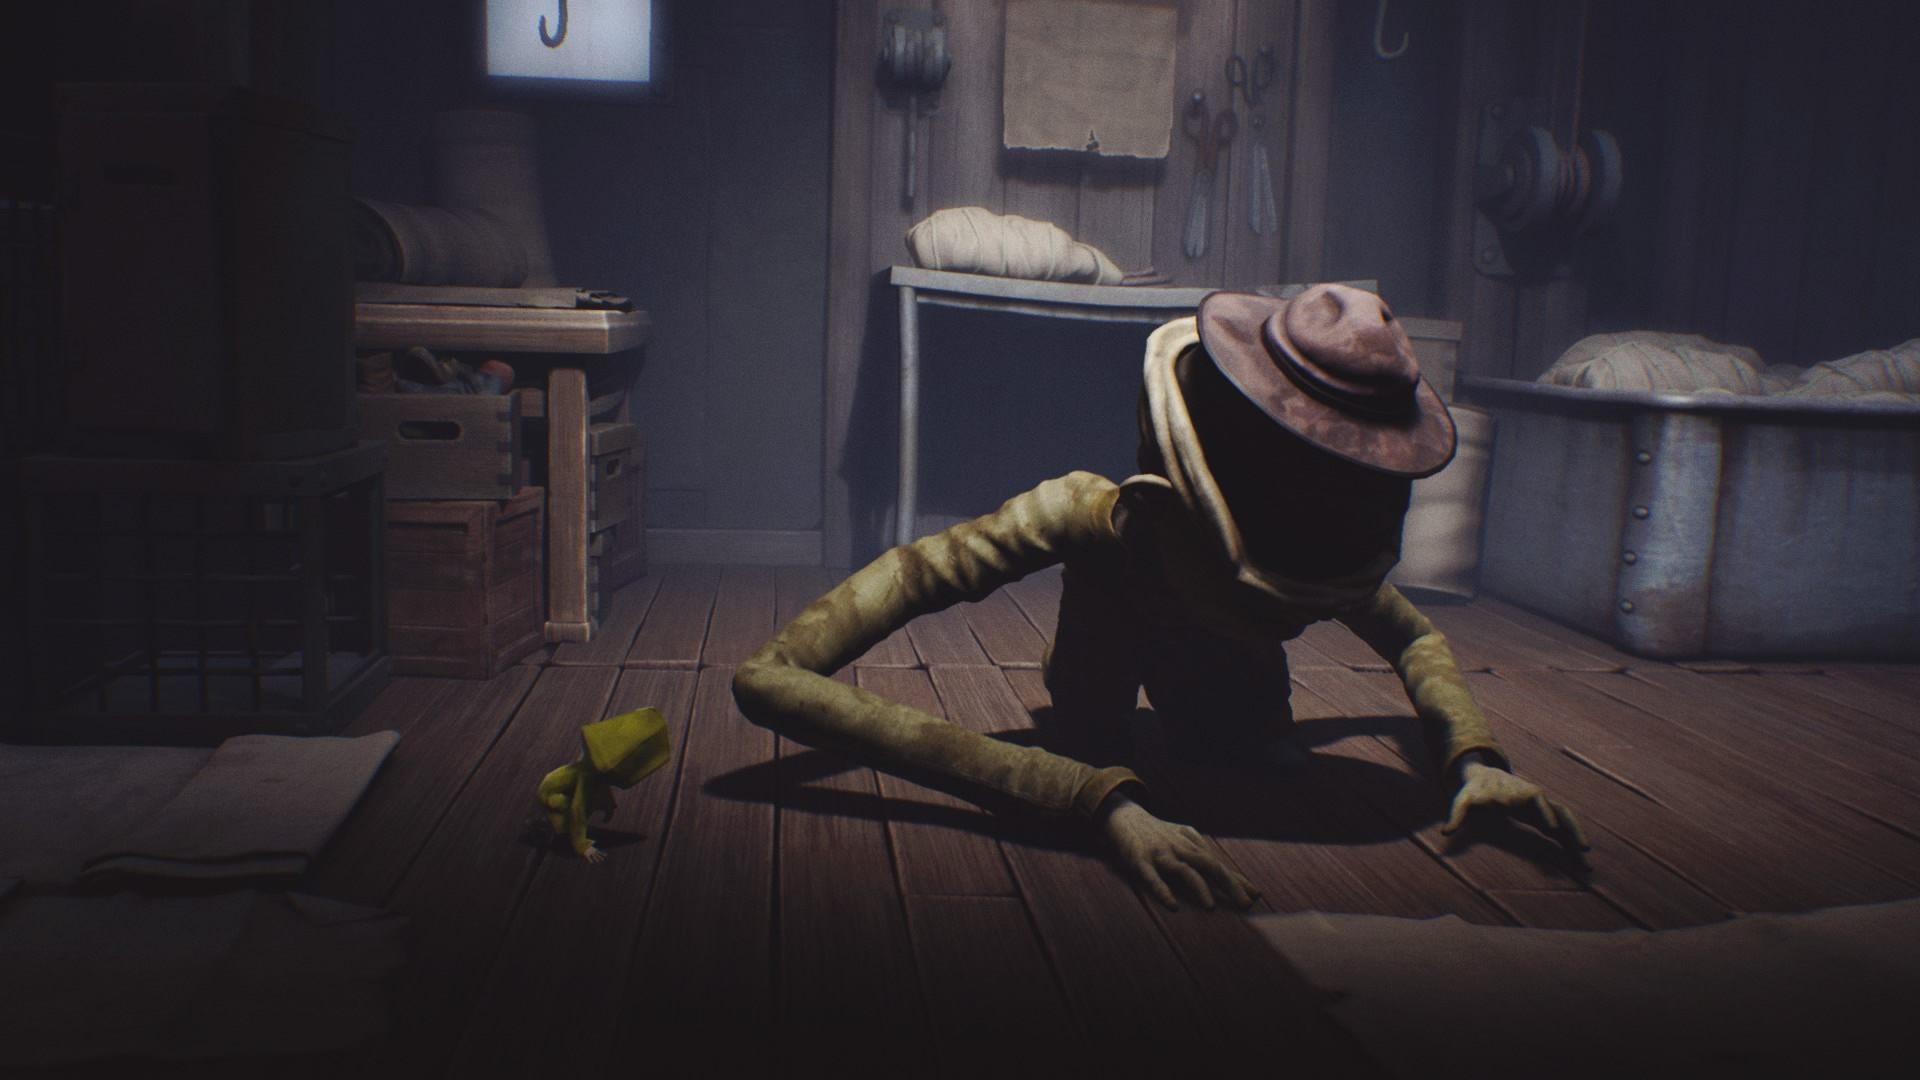 Skorzystaj z tego, że przeciwnik cię nie widzi i poczekaj, aż zacznie krążyć po pokoju. - Ucieczka z klatki i pierwsze spotkanie z niewidomą istotą | The Lair - Little Nightmares - poradnik do gry